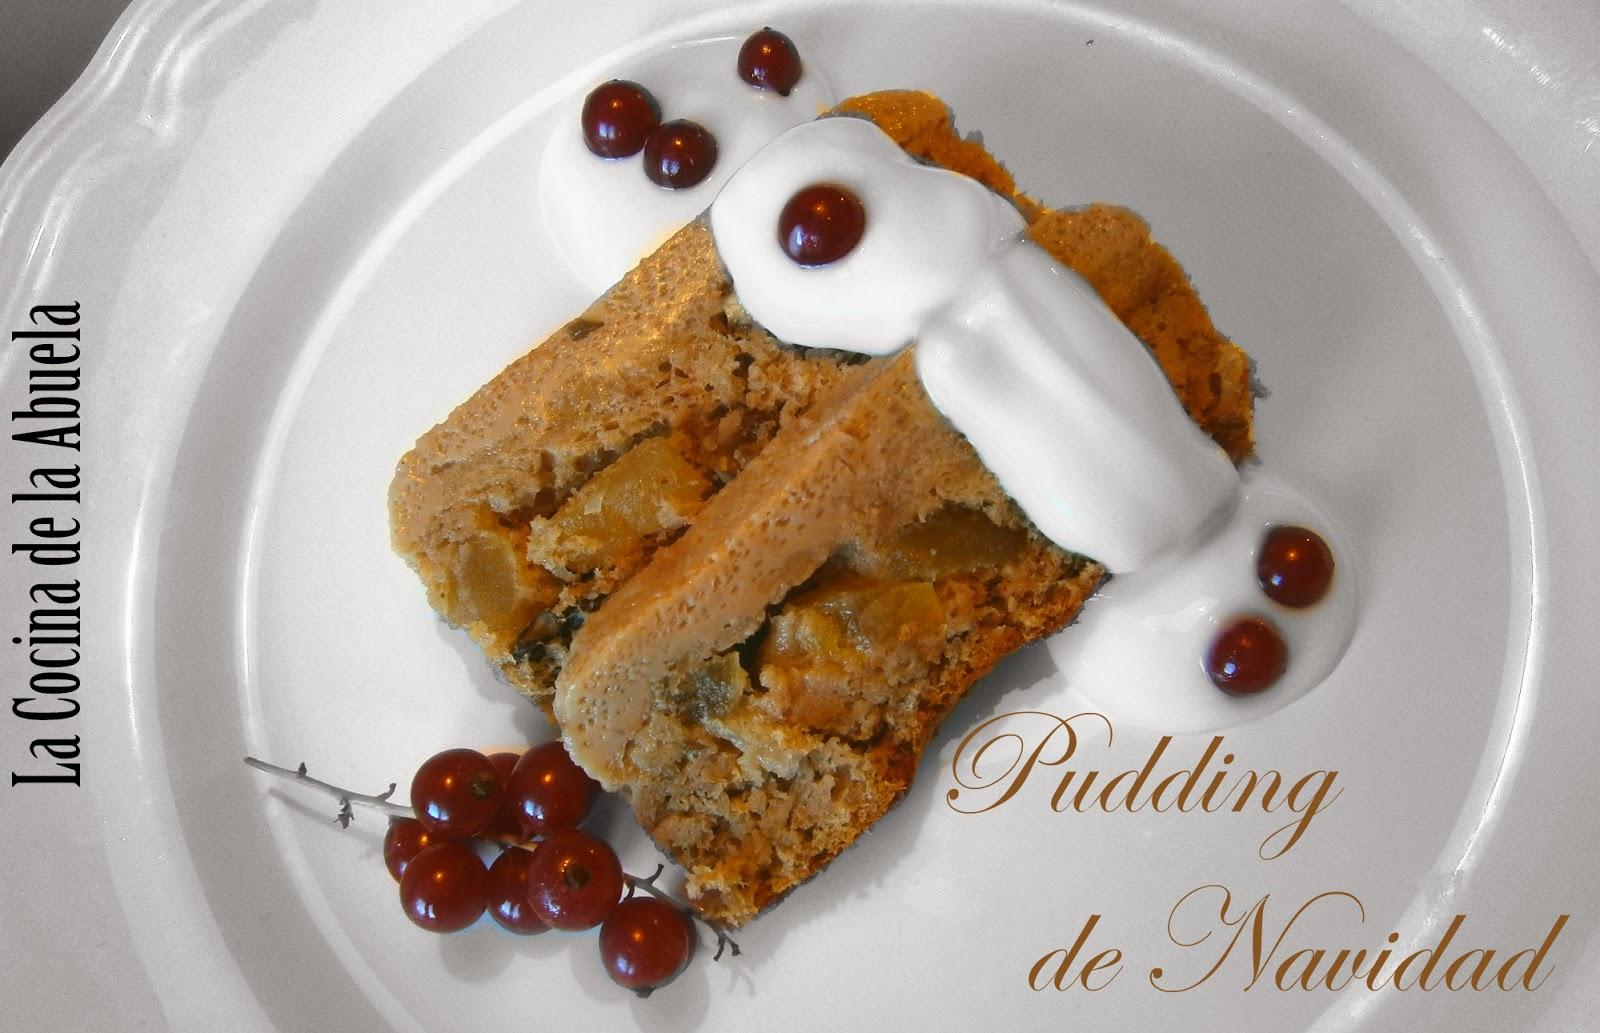 Pudding de navidad My Way